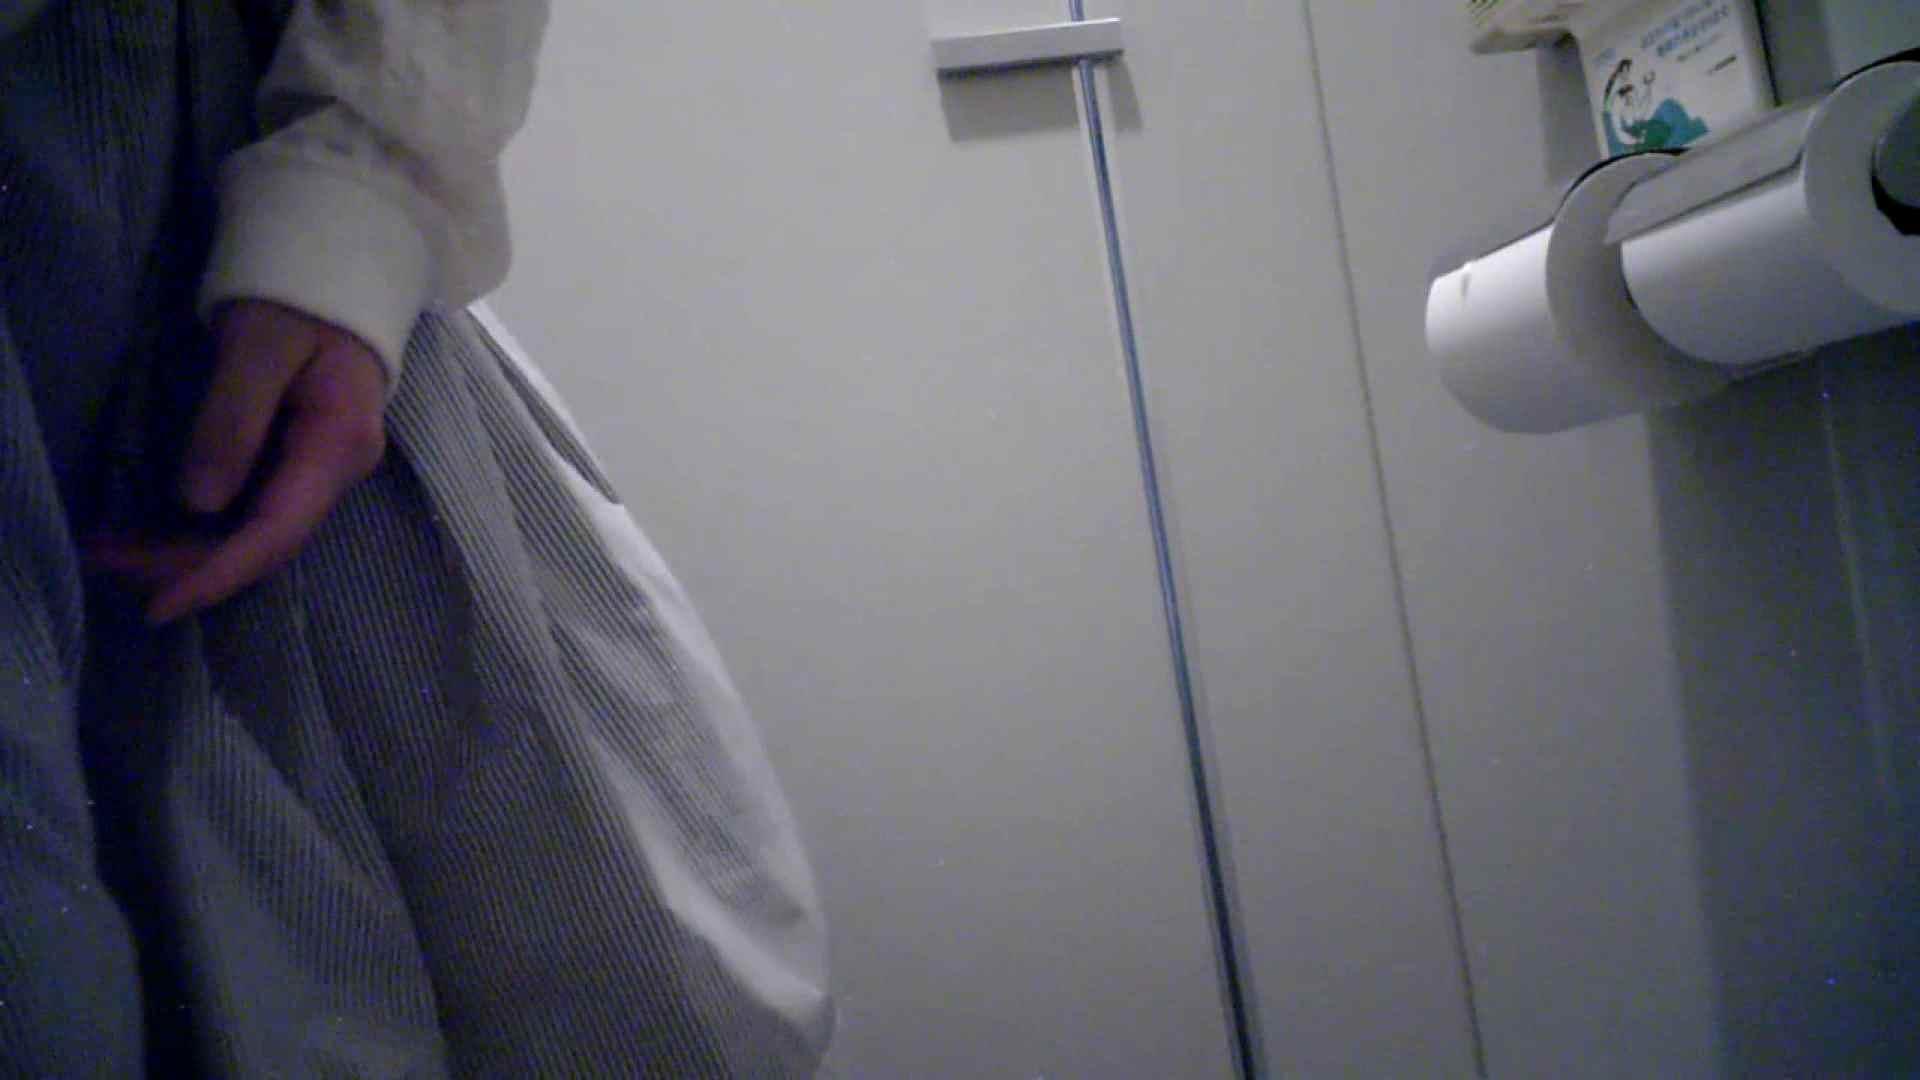 有名大学女性洗面所 vol.40 ??おまじない的な動きをする子がいます。 和式で・・・ AV動画キャプチャ 51画像 7